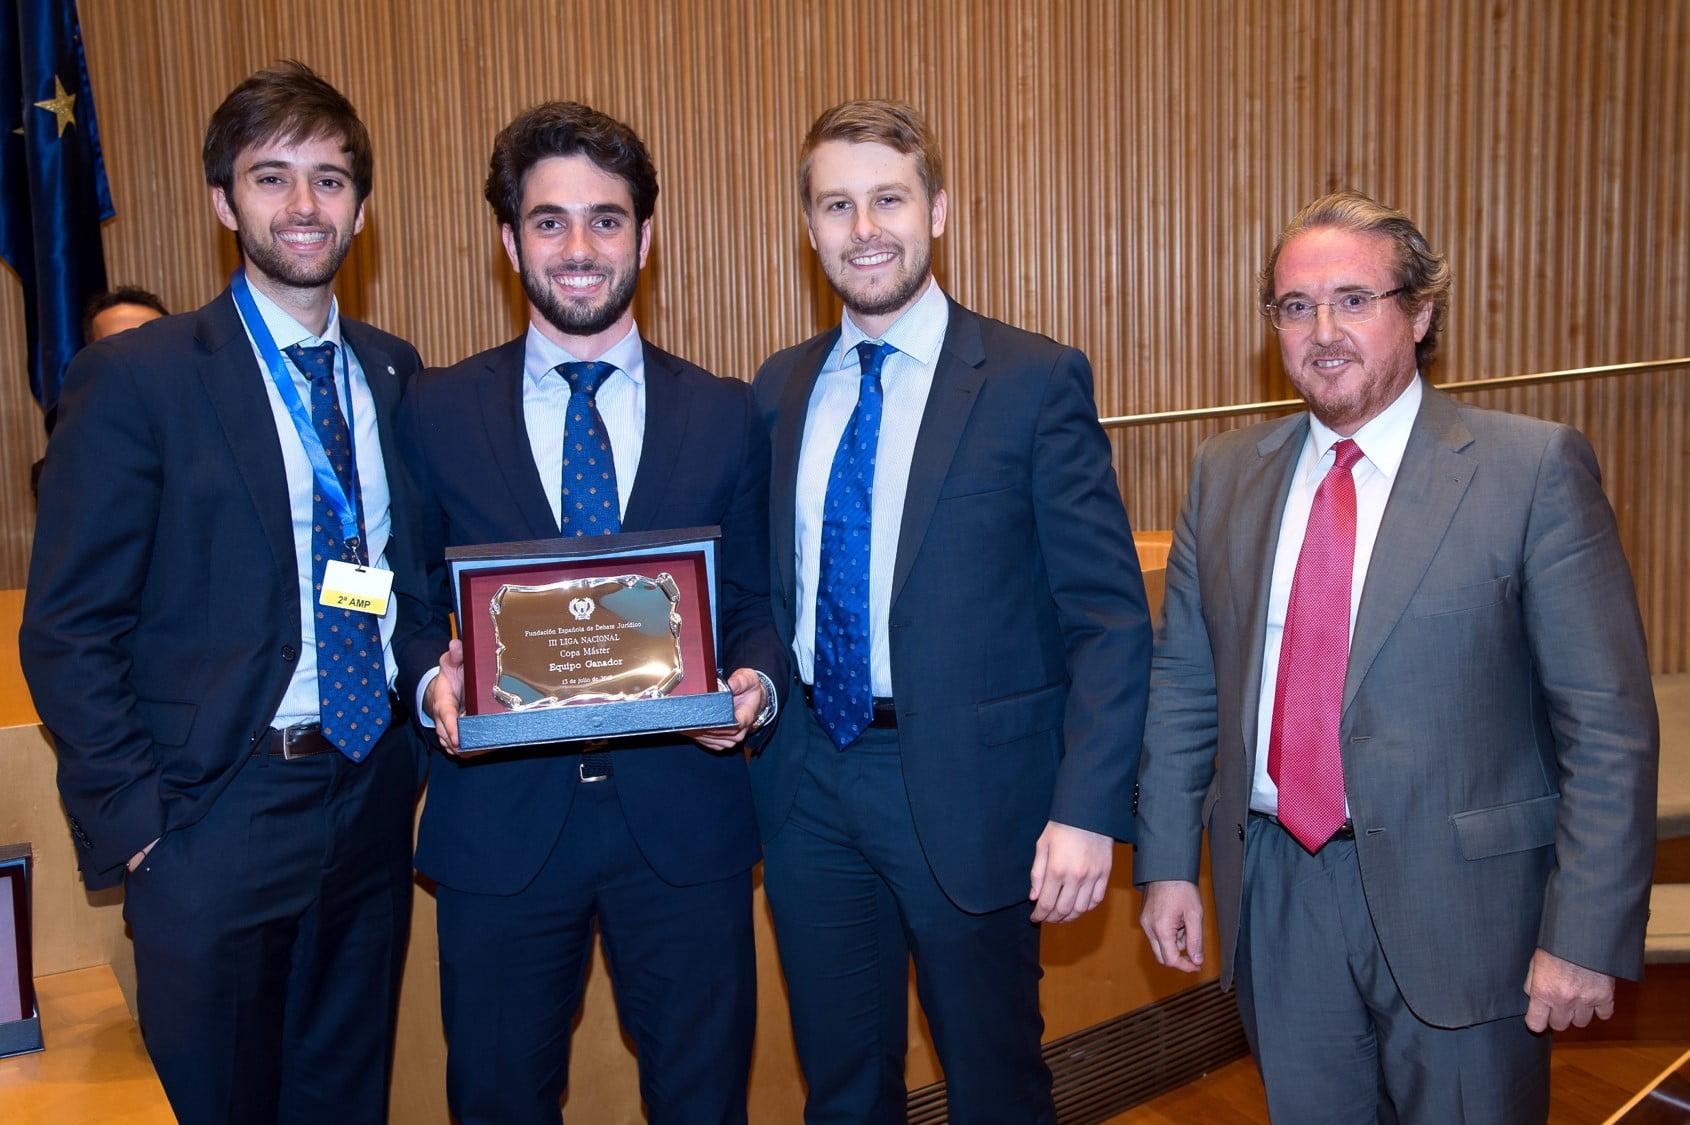 El equipo de la Universidad Carlos III de Madrid ganador de la Copa Máster de Debate Jurídico 2018